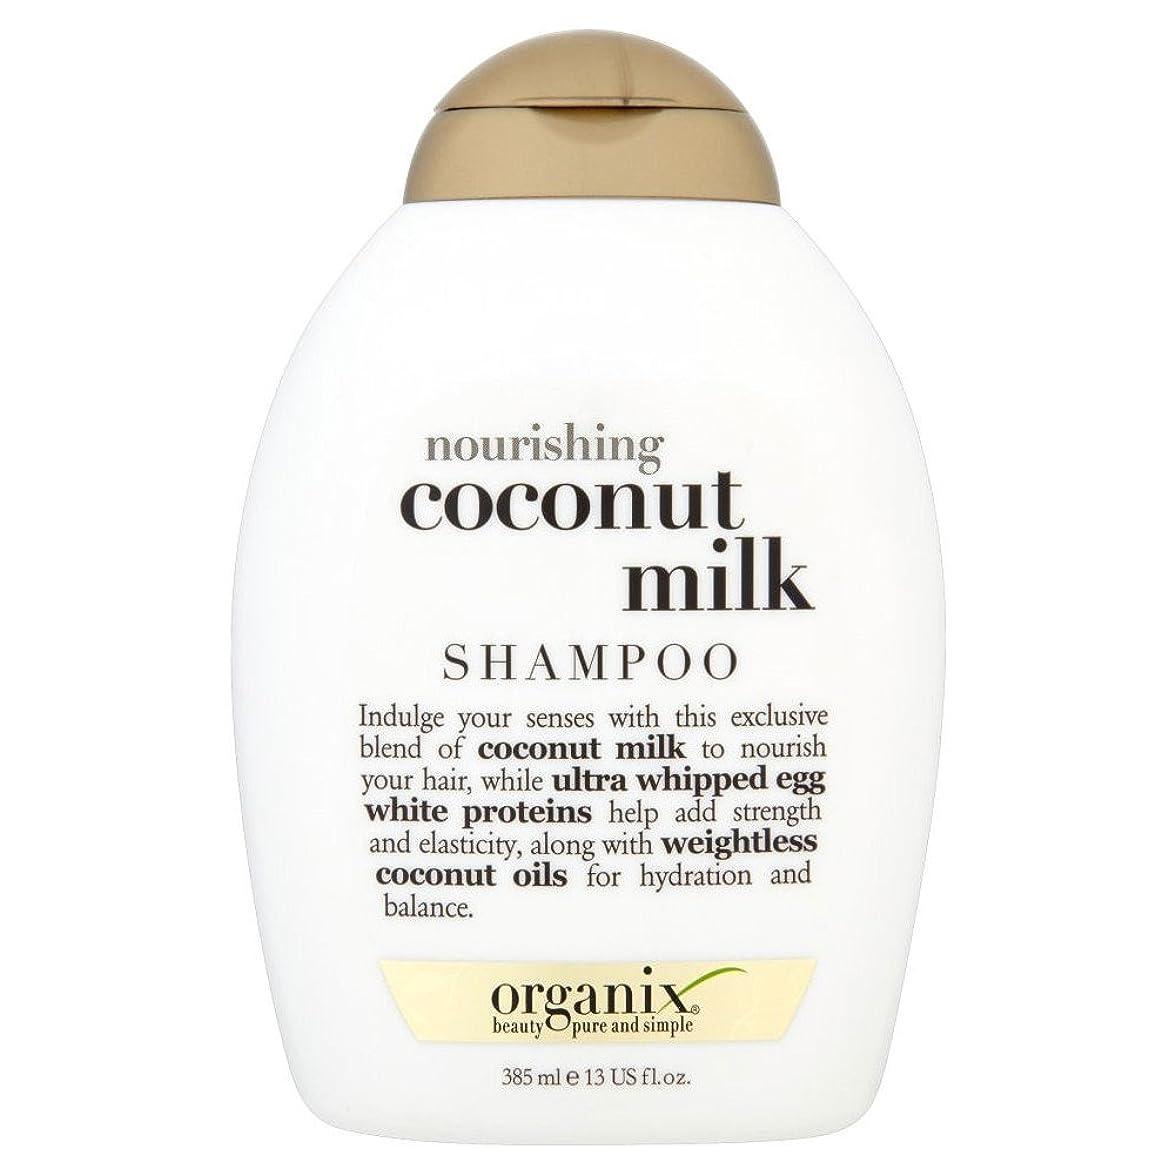 導体債権者結紮Organix Shampoo - Nourishing Coconut Milk (385ml) Organixシャンプー - 栄養ココナッツミルク( 385ミリリットル) [並行輸入品]